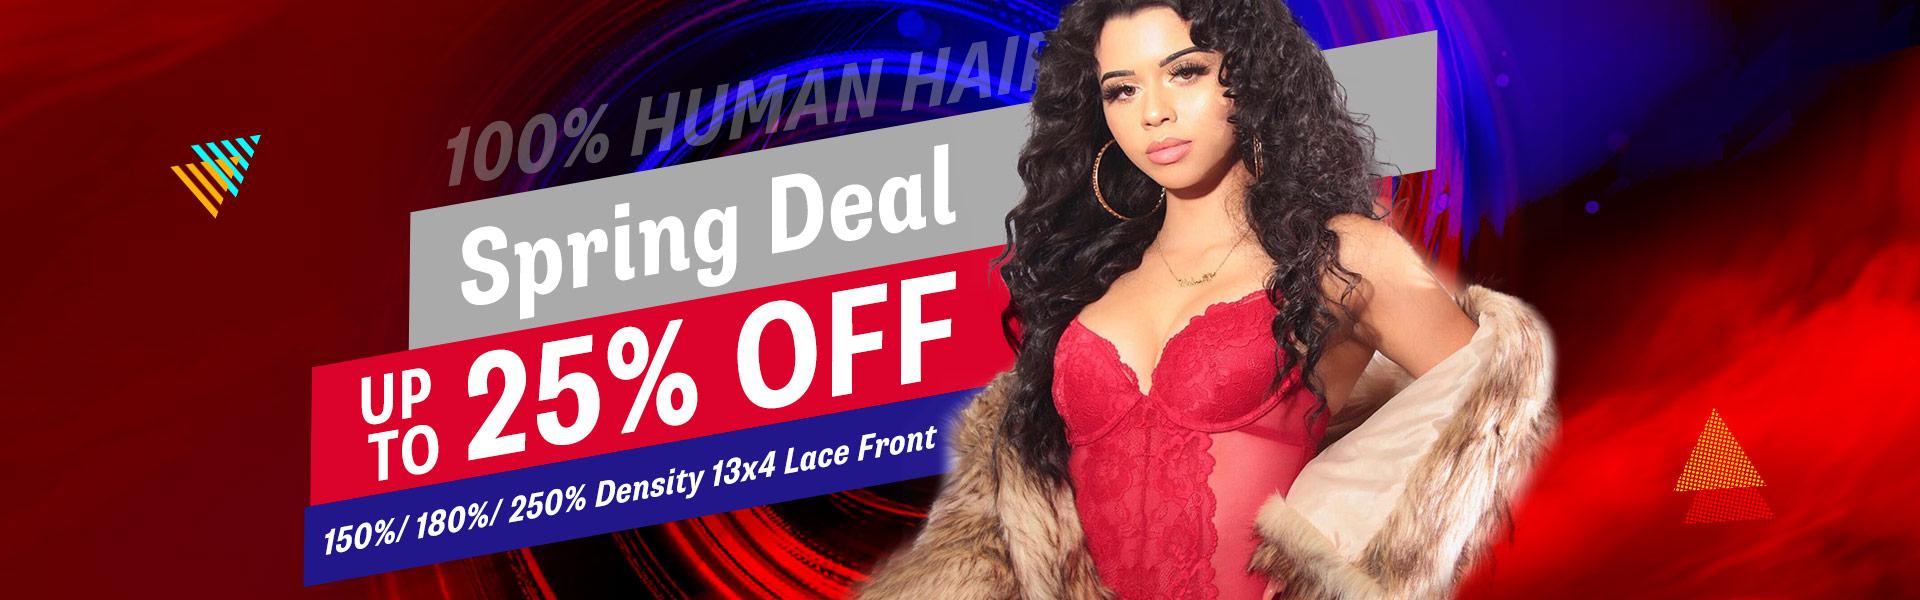 spring deal human hair